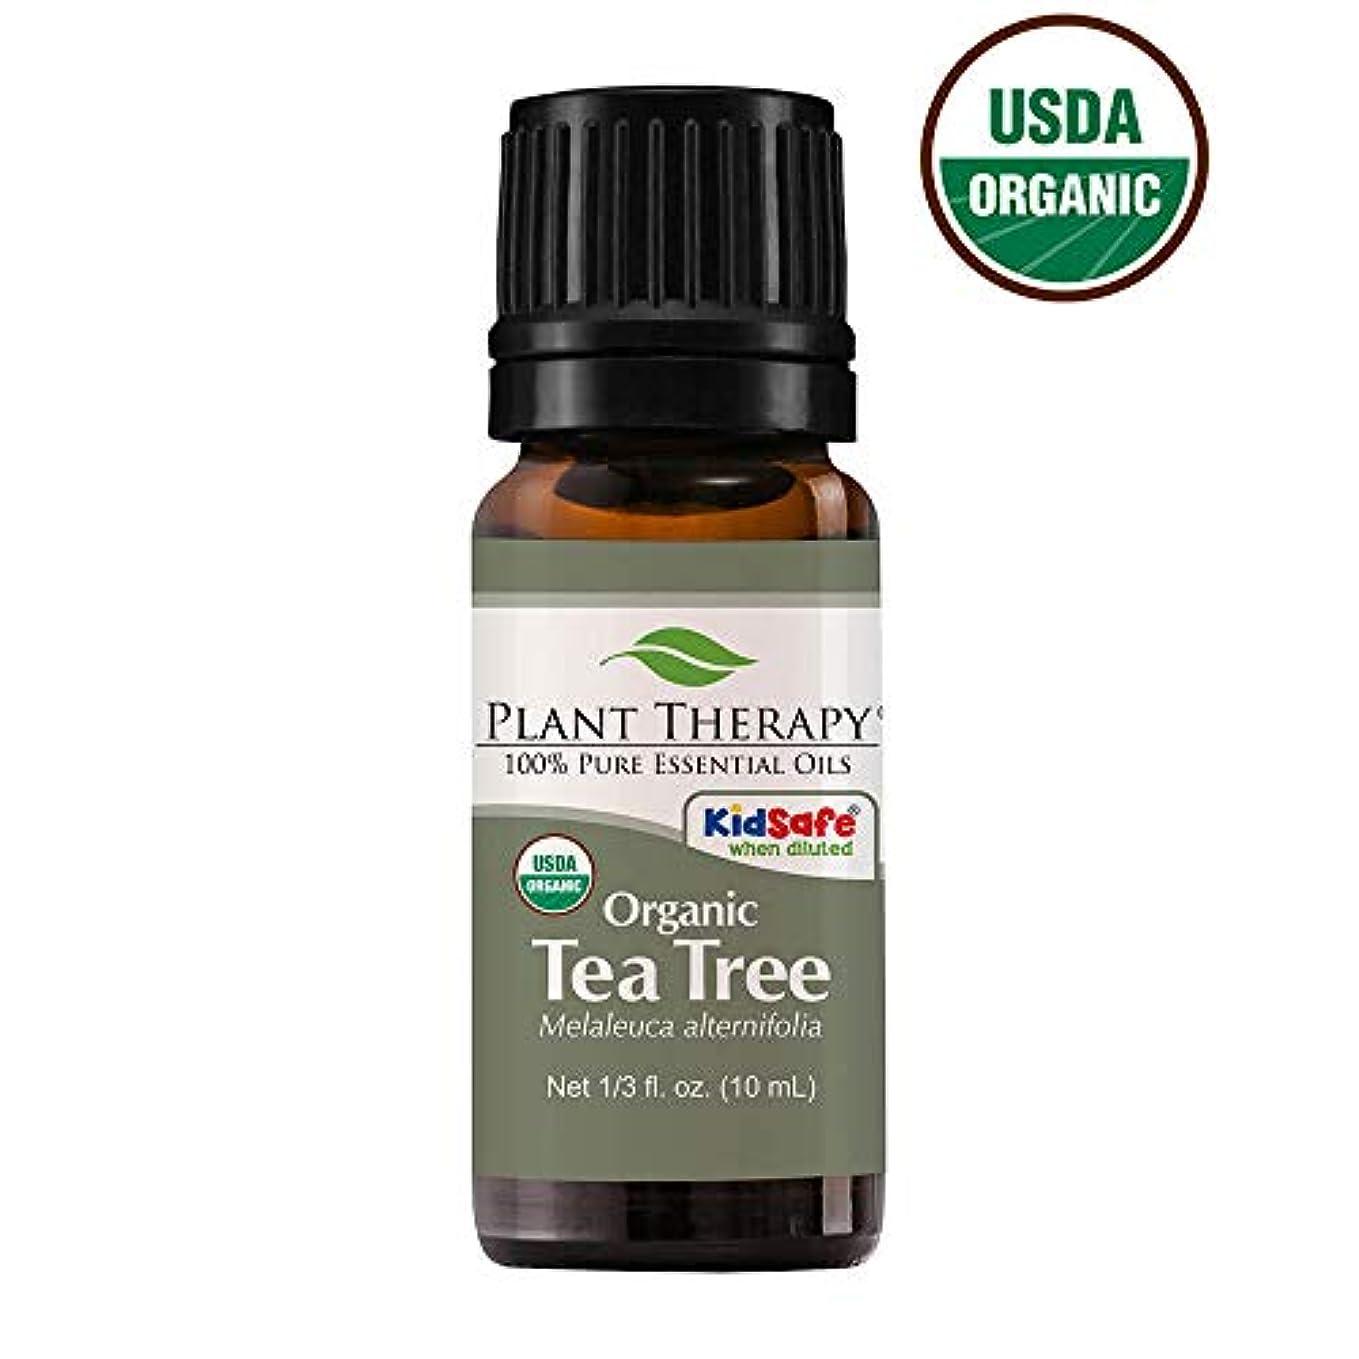 食品人柄書道Plant Therapy Essential Oils (プラントセラピー エッセンシャルオイル) オーガニック ティーツリー (メラルーカ) エッセンシャルオイル